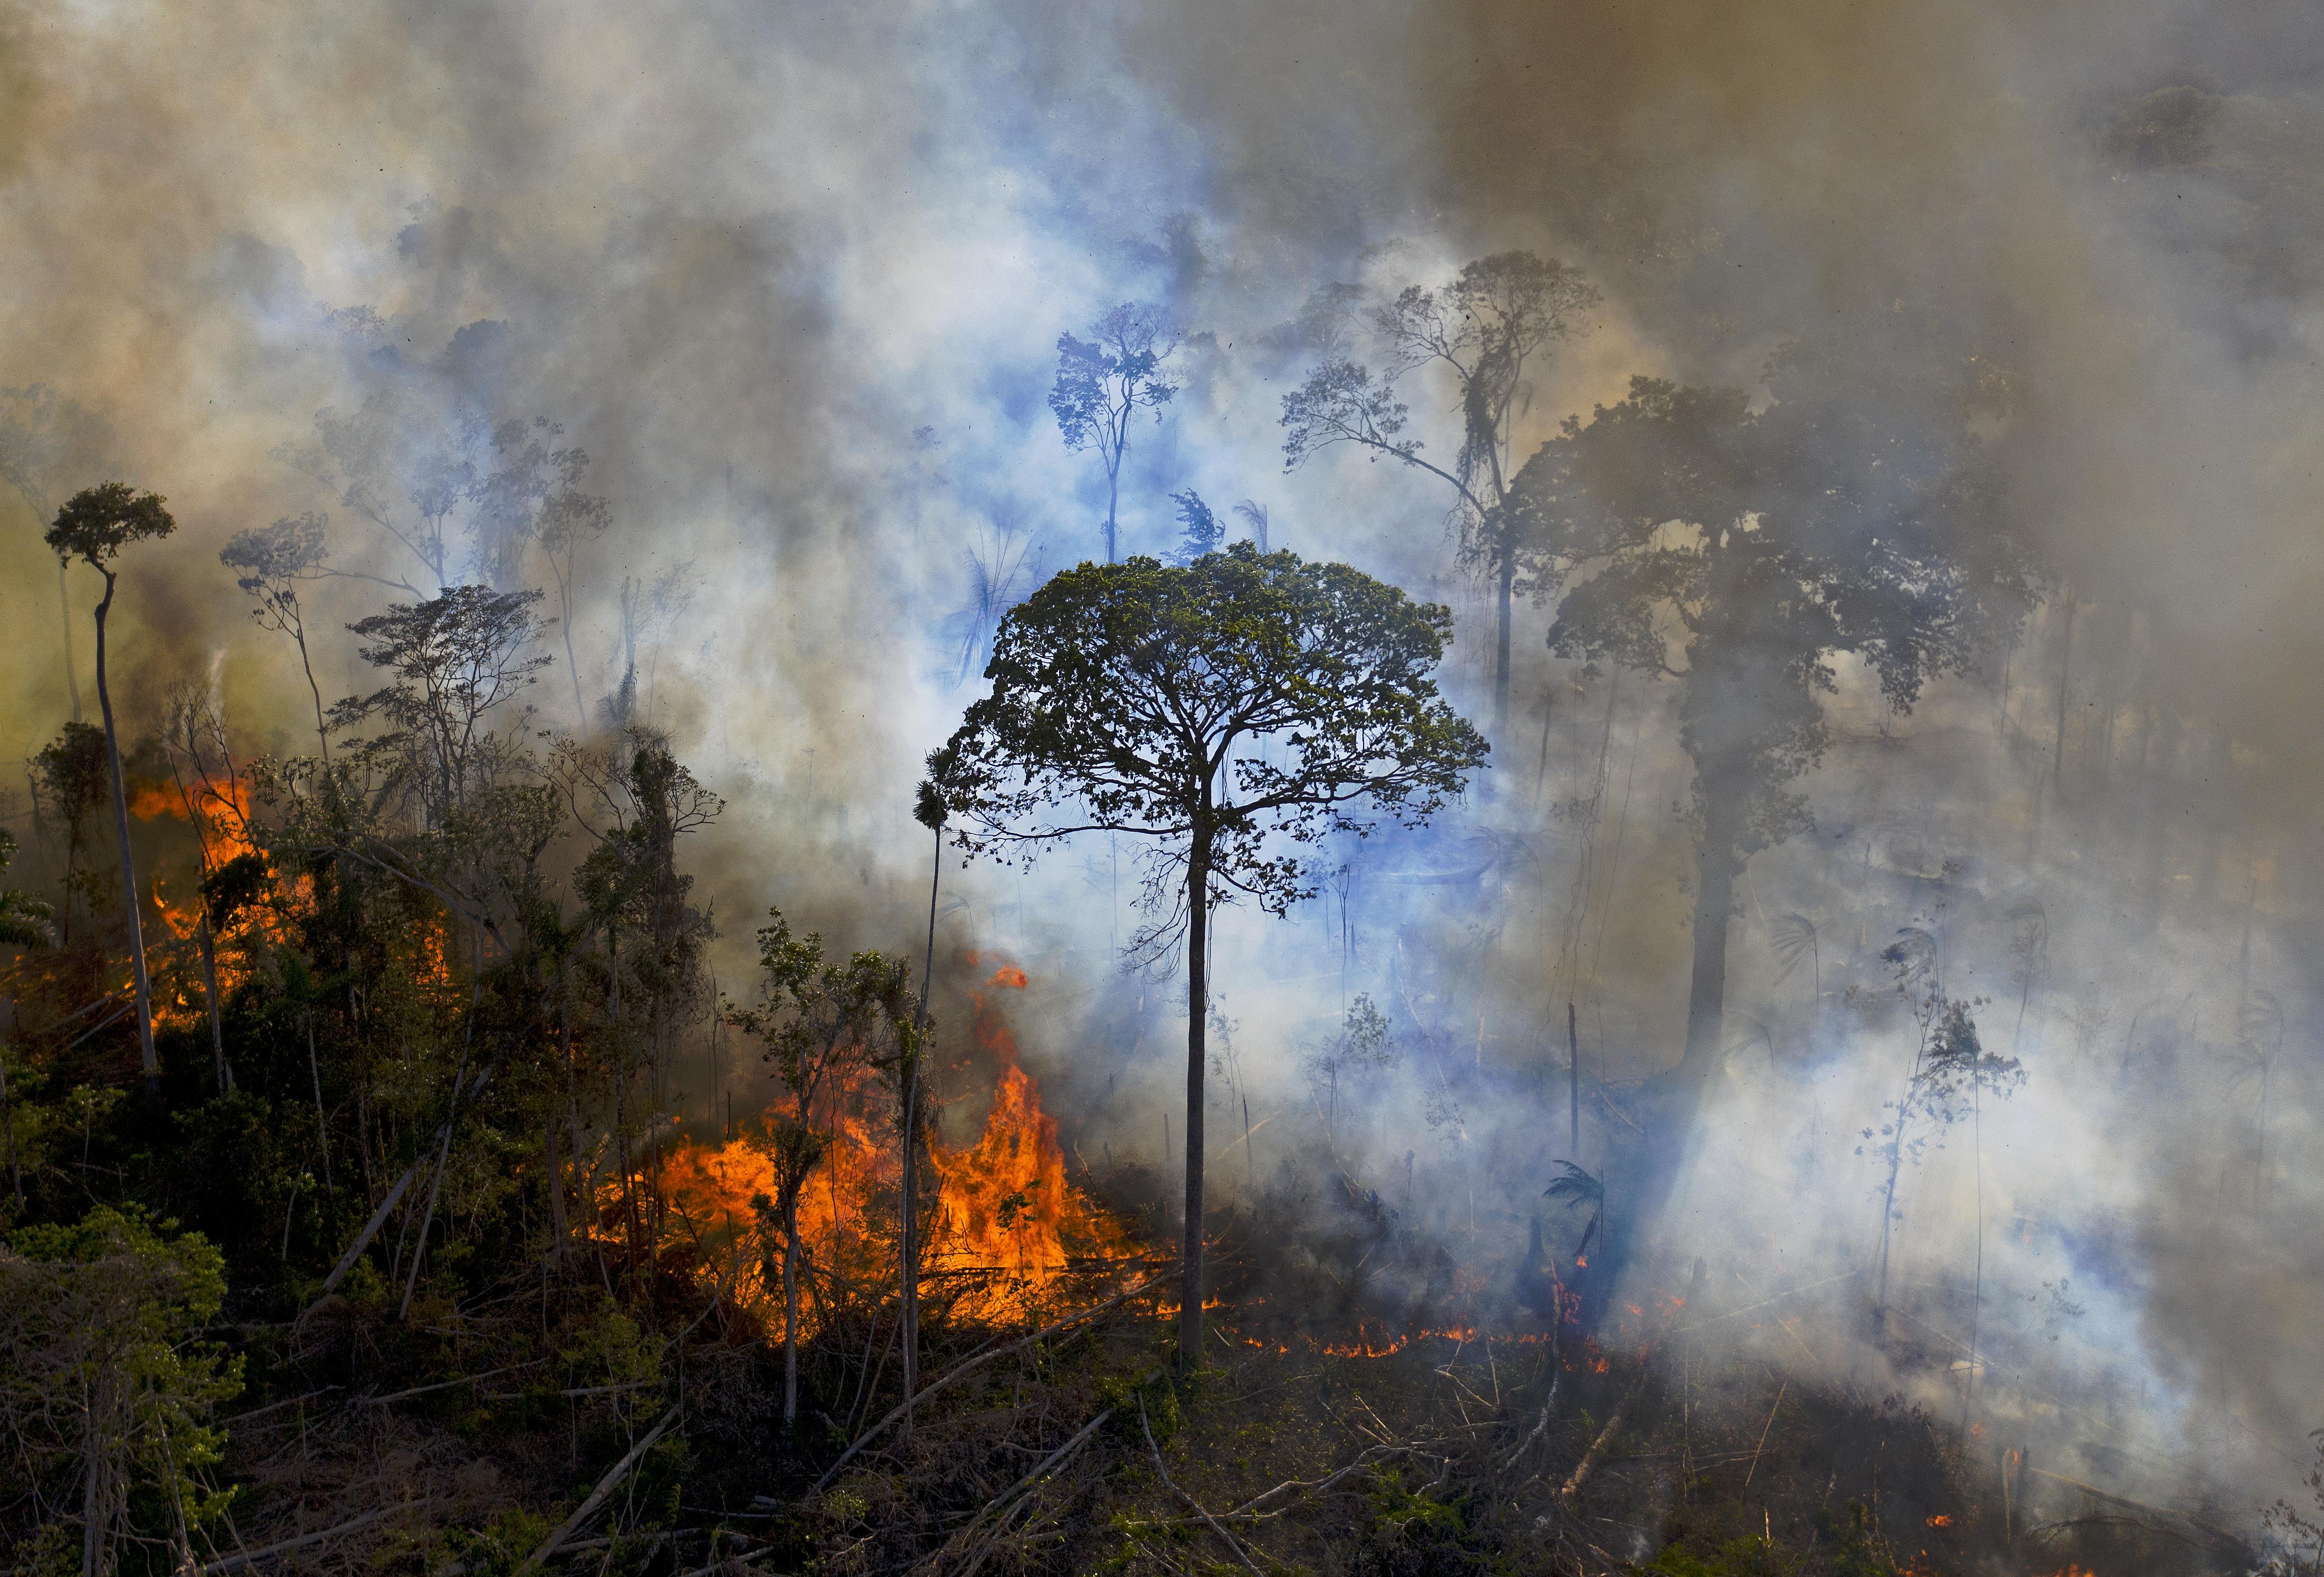 Tovább nő az amazonasi tüzek száma, Bolsonaro tagad és hárítja a felelősséget